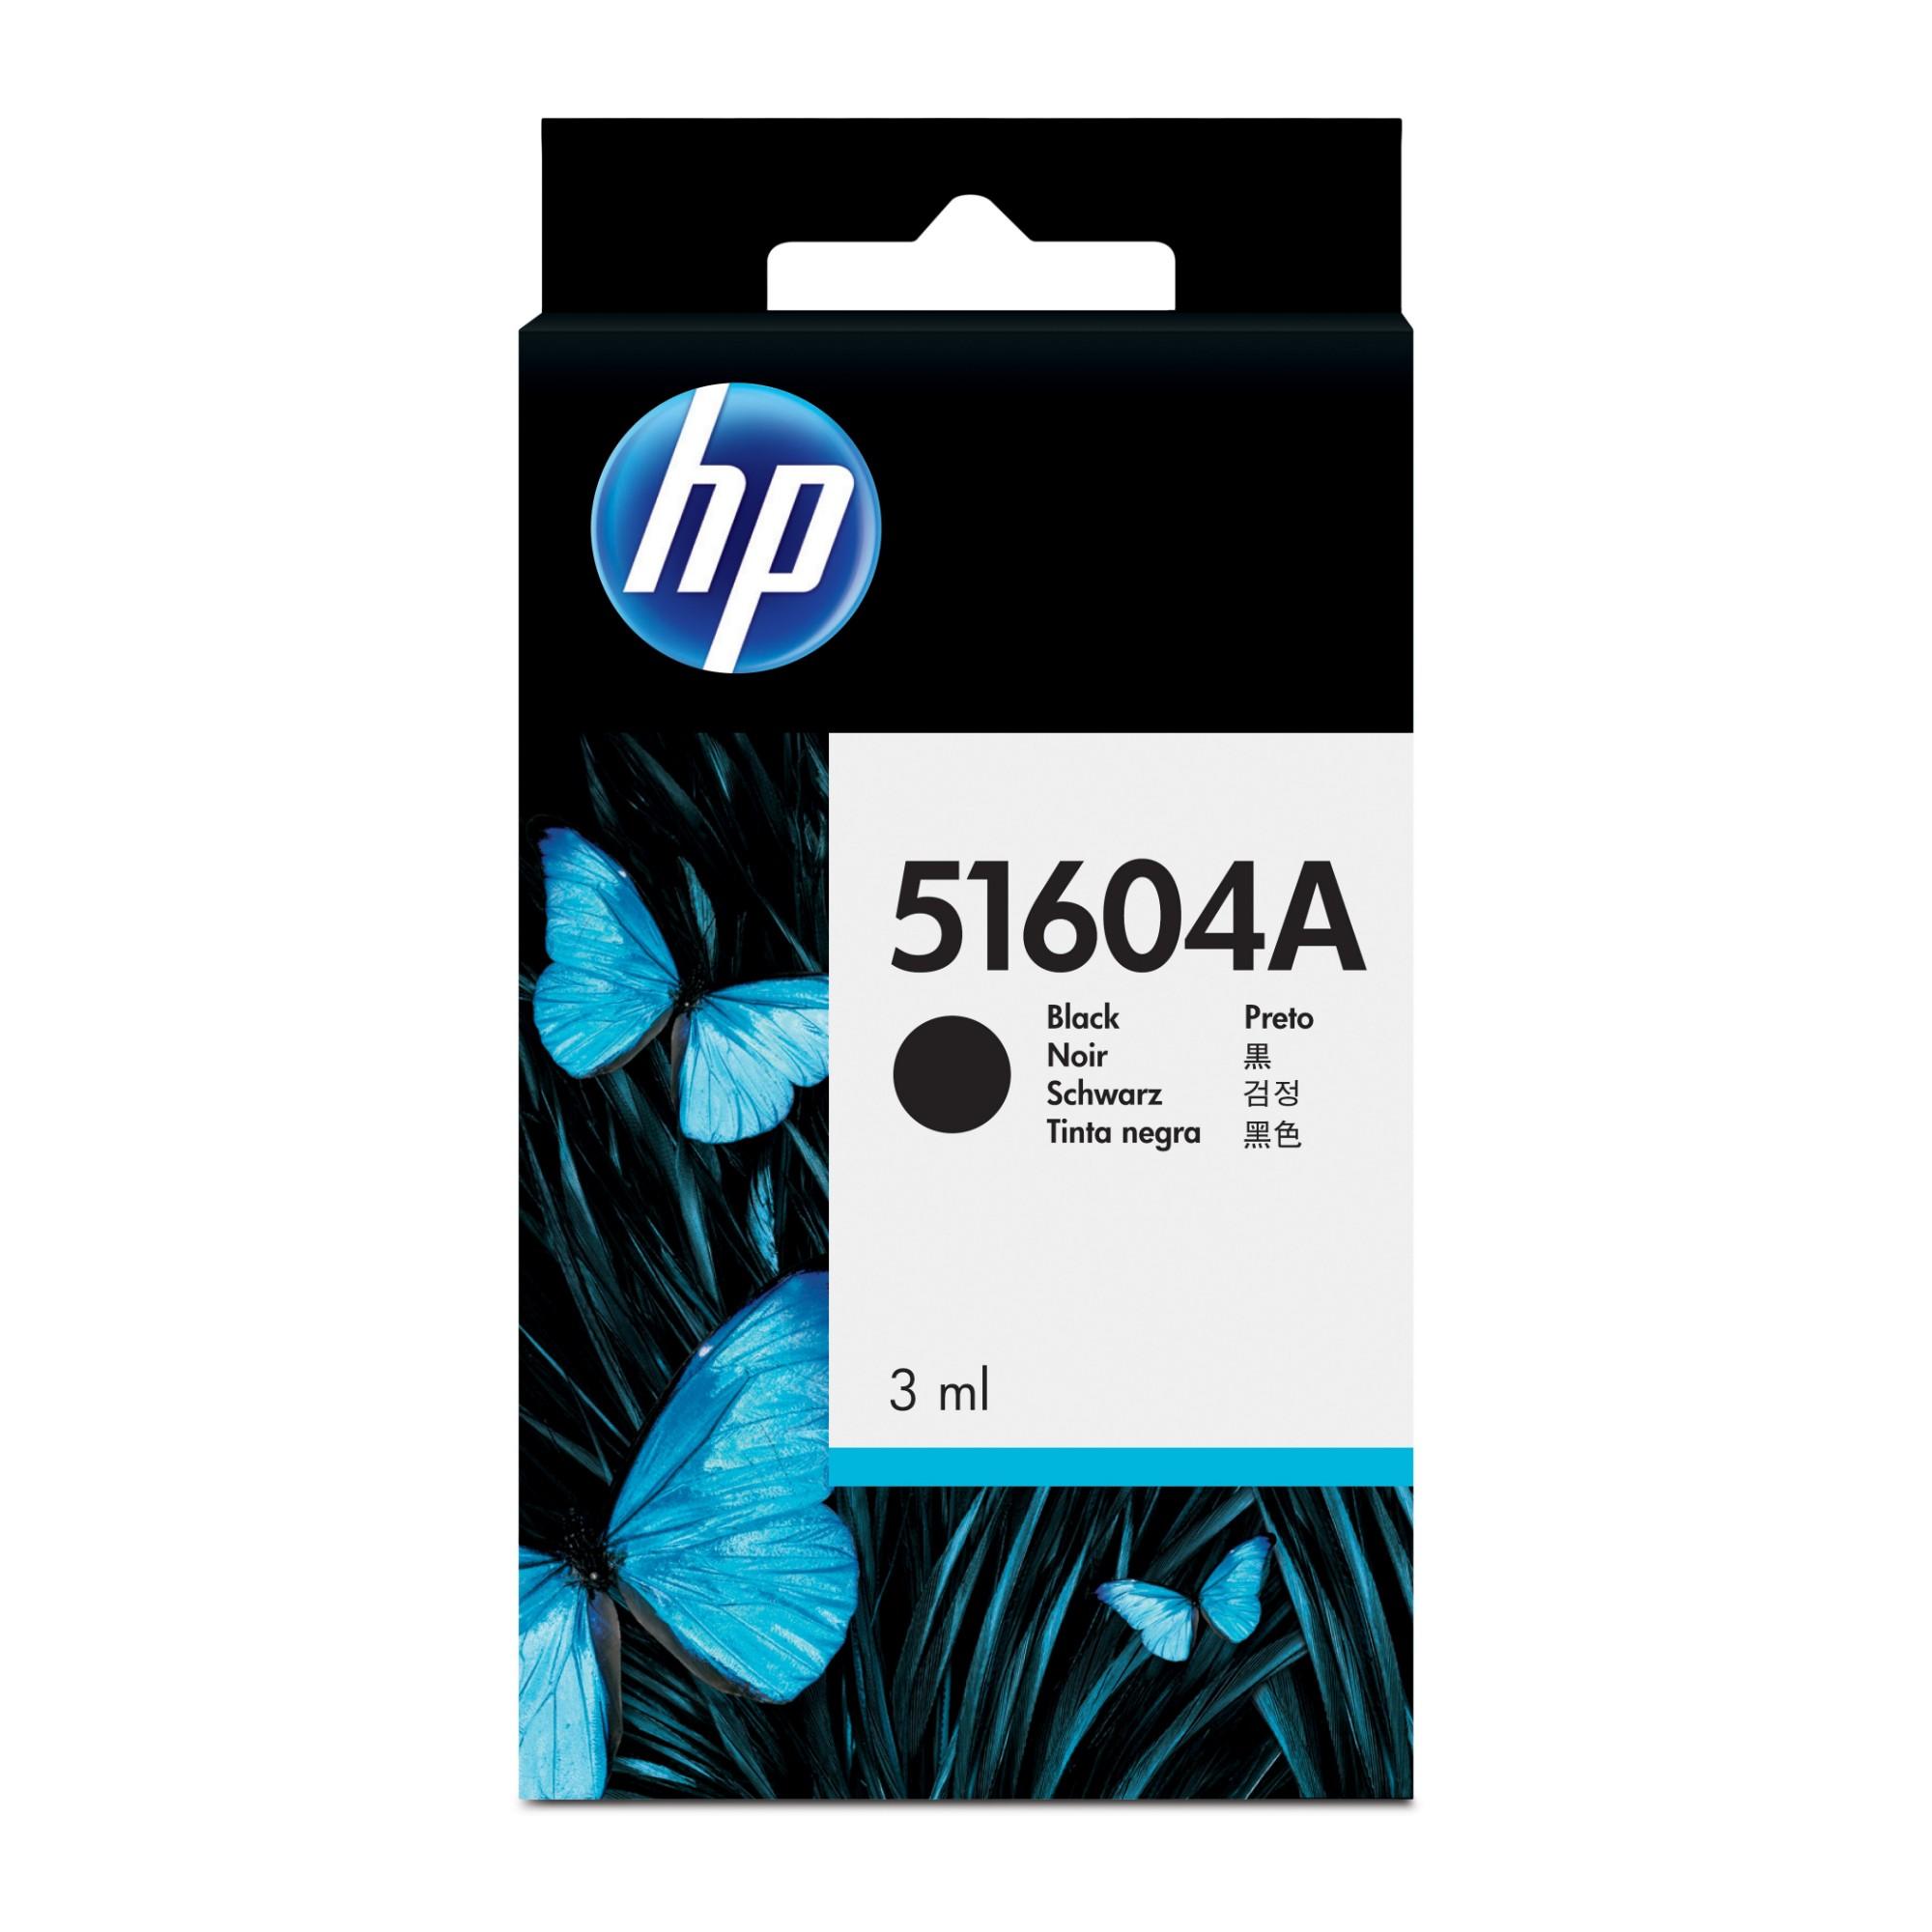 HP 51604A cartucho de tinta Original Negro 1 pieza(s)